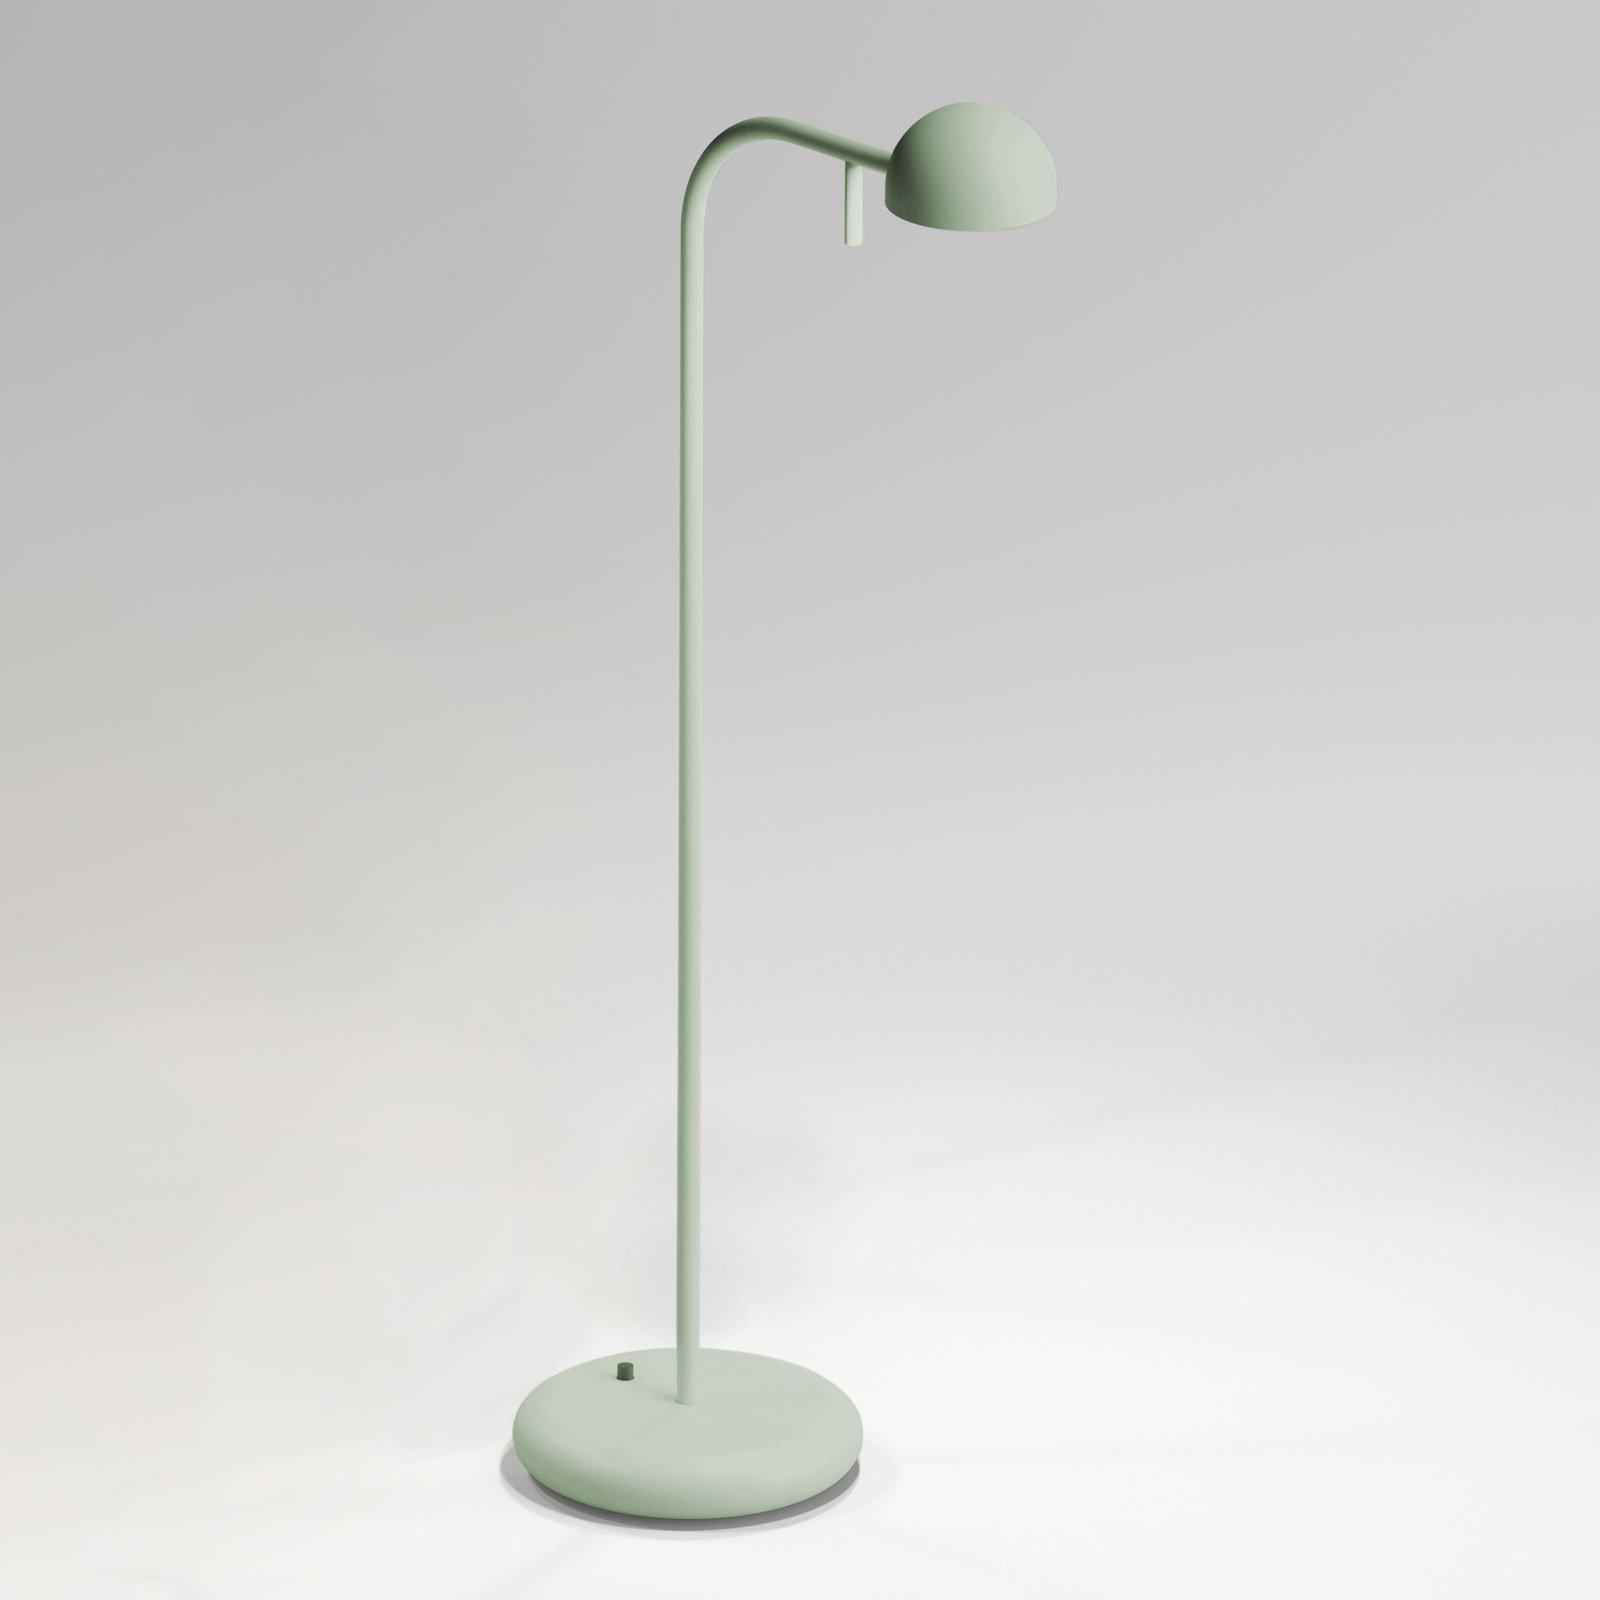 Vibia pin 1650 LED-bordlampe, lengde 23 cm, grønn